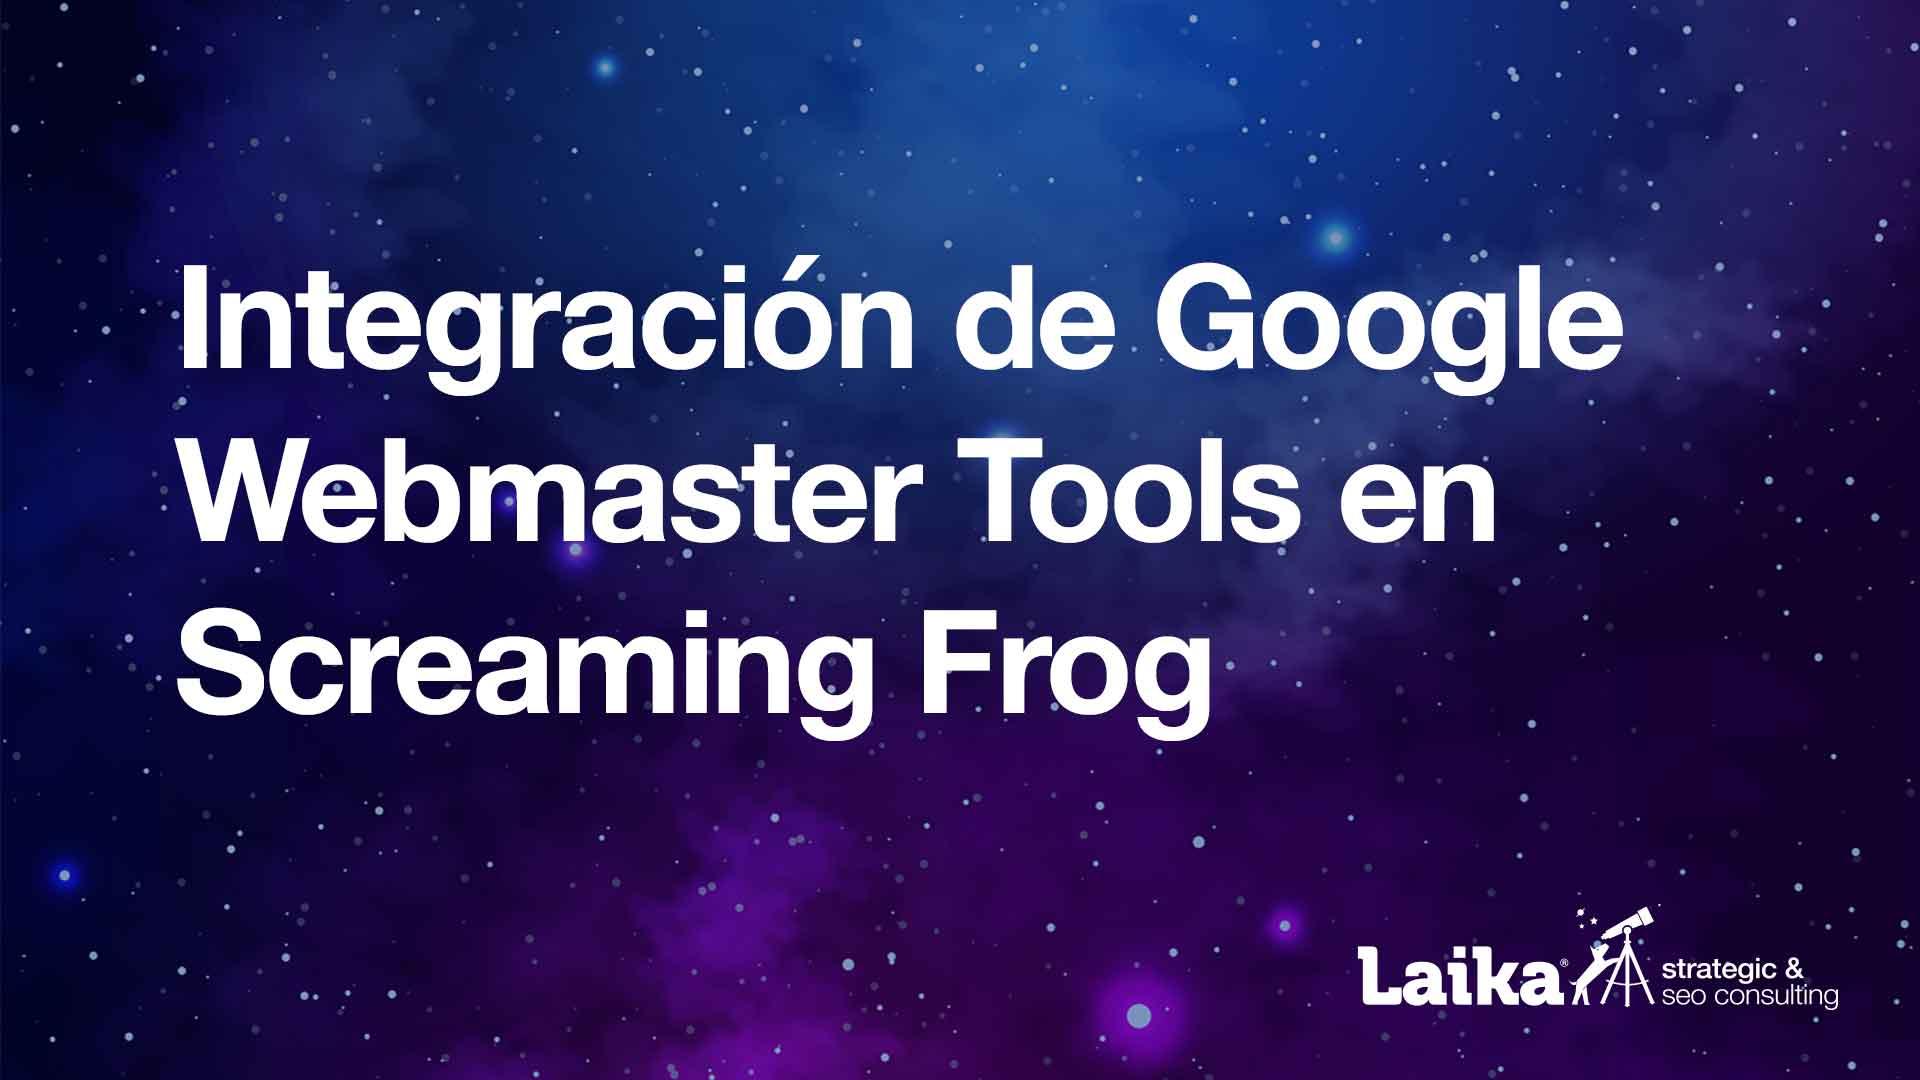 Integración de Google Webmaster Tools en Screaming Frog